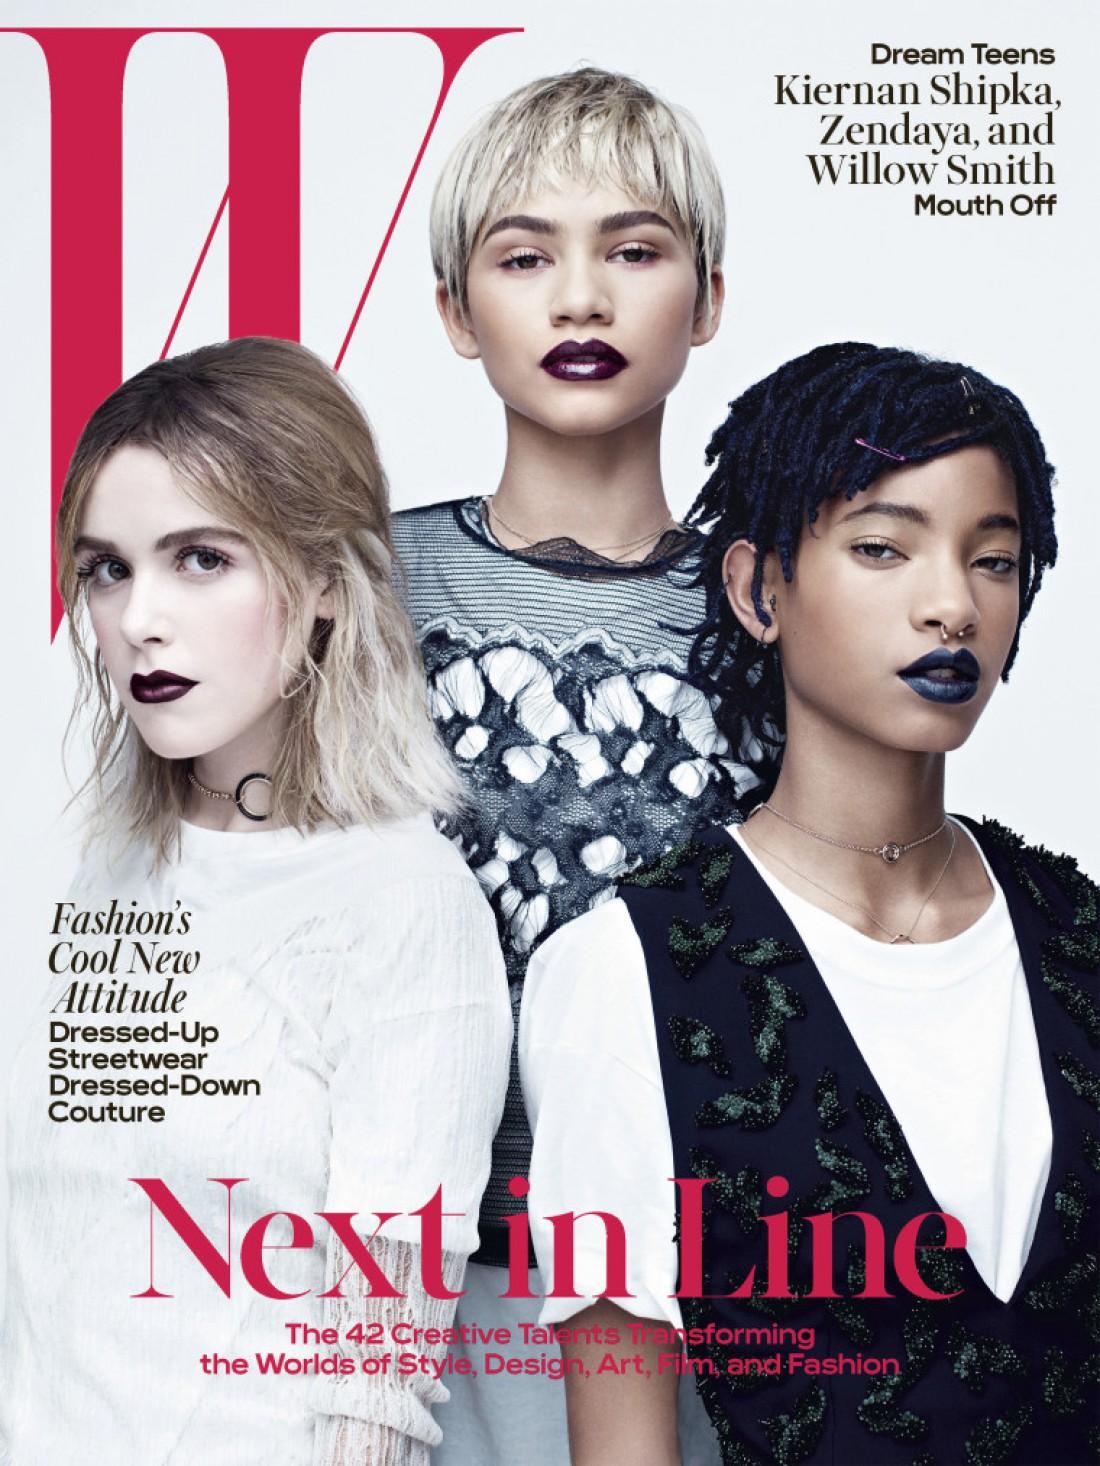 Кирнан Шипка, Зендая и Уиллоу Смит на обложке W Magazine